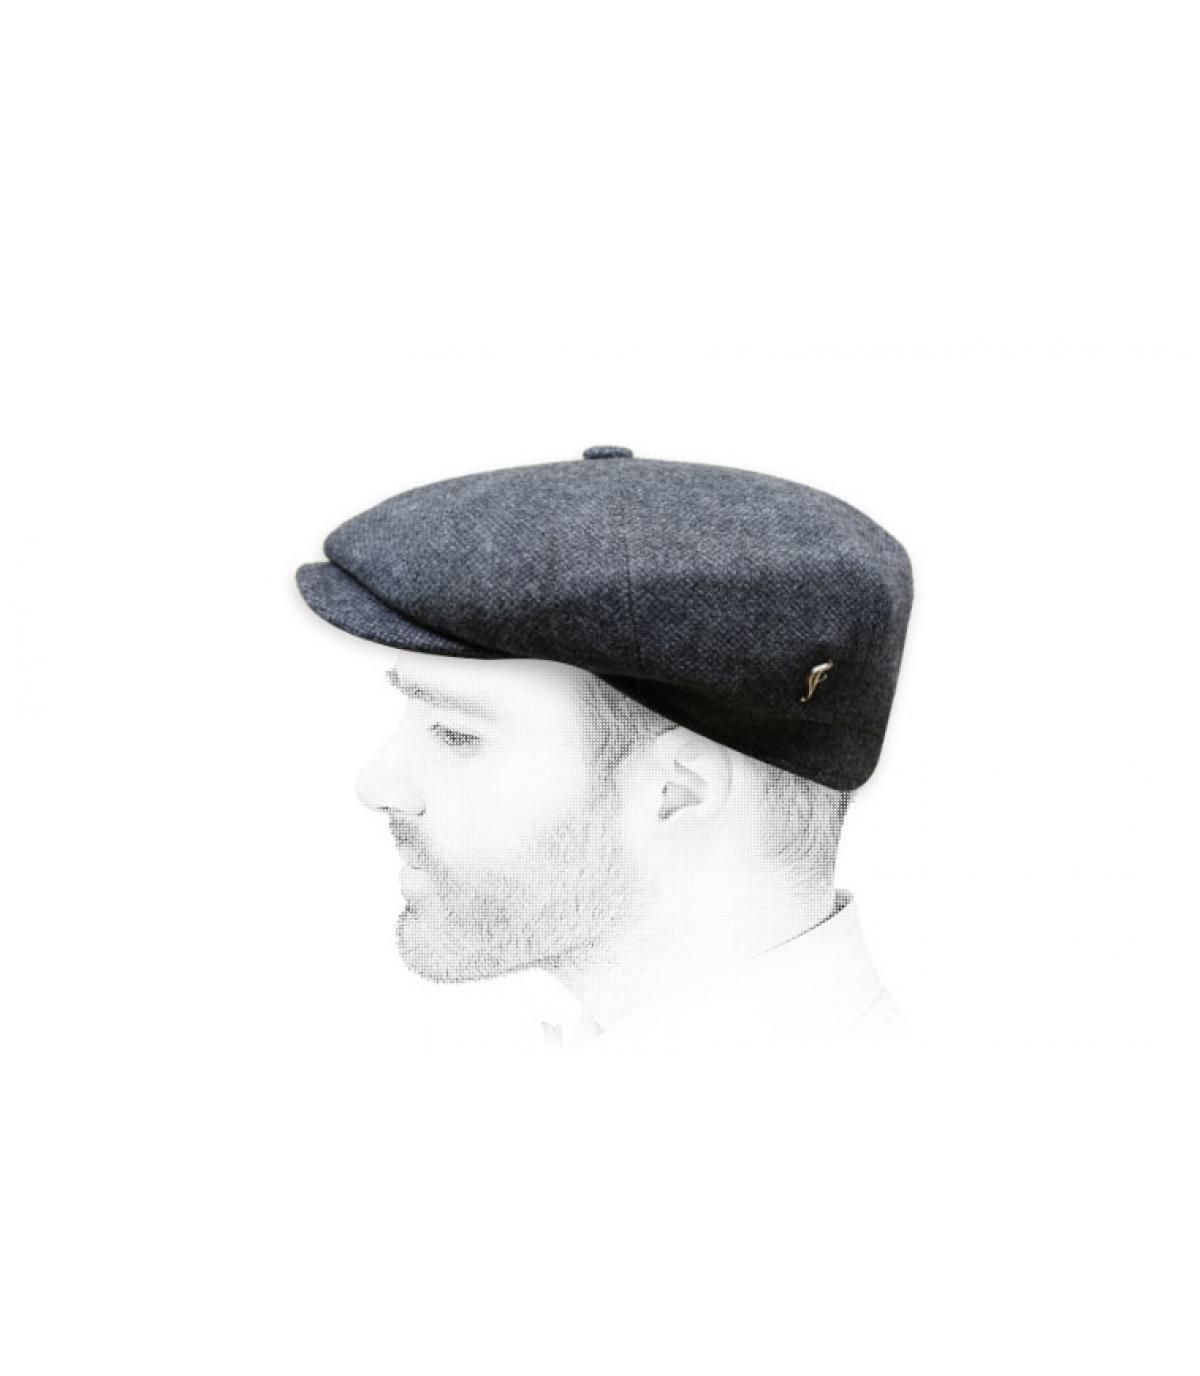 Newsboy Cap grau Wolle